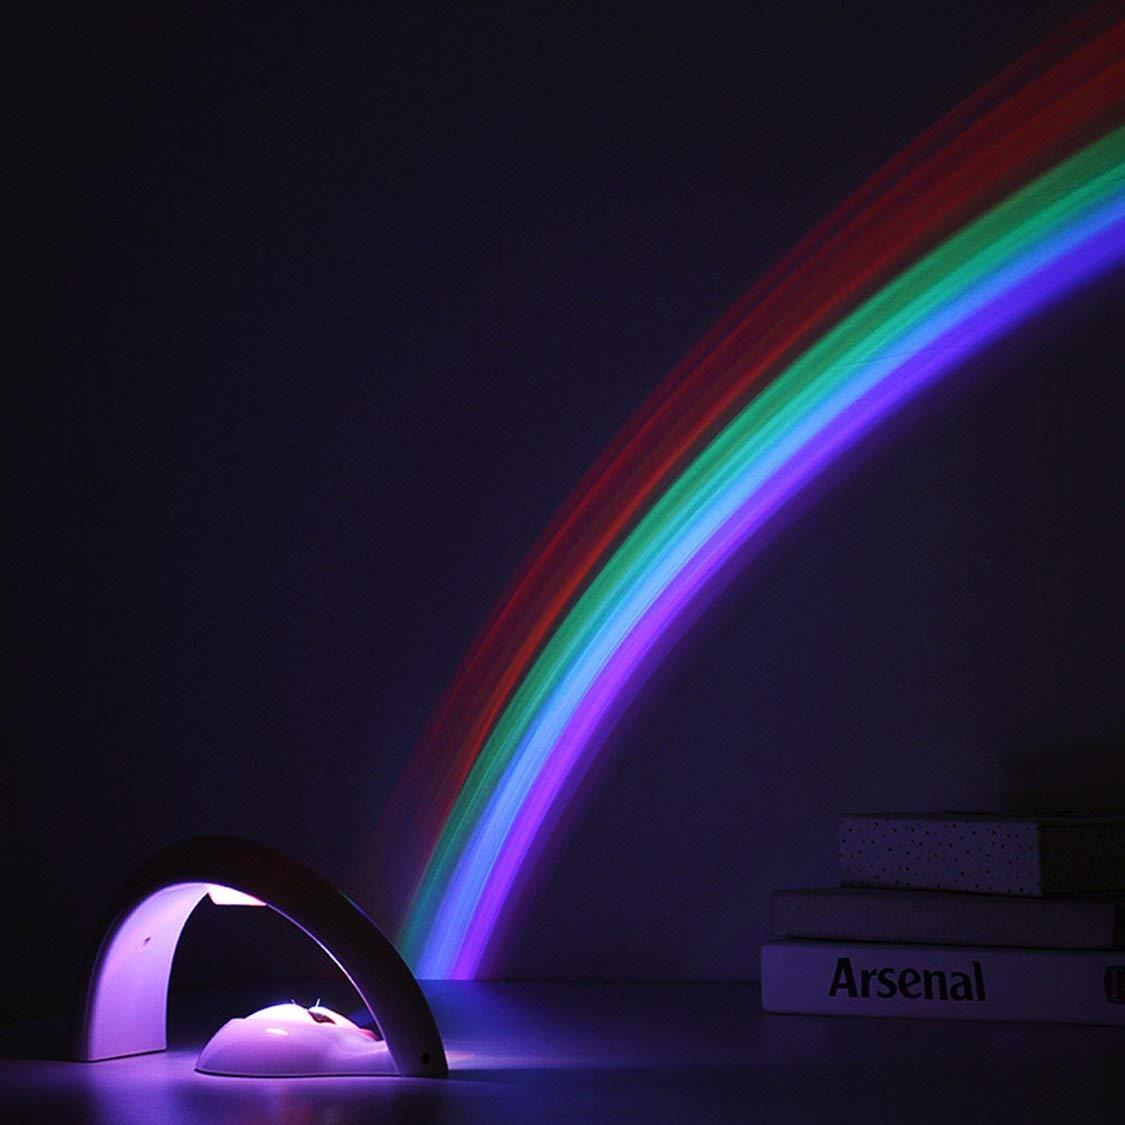 Rainbow Projector Light 2 Modo Portátil LED Luz de Proyección ...